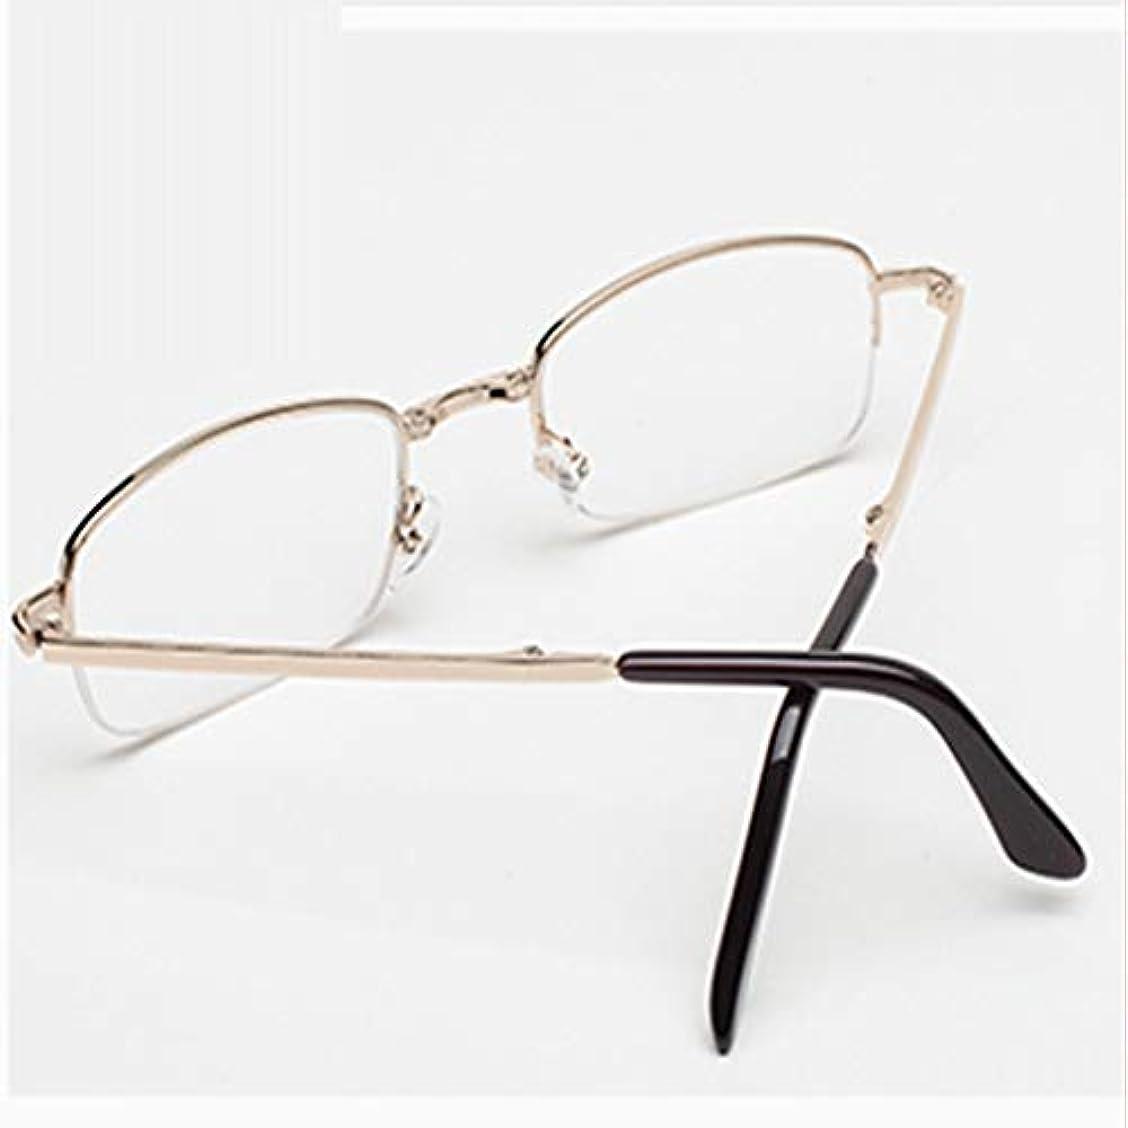 化学スロー評価するスマート折りたたみ式HDデュアルユース老眼鏡、小さくて便利、使いやすく、ユニセックス。